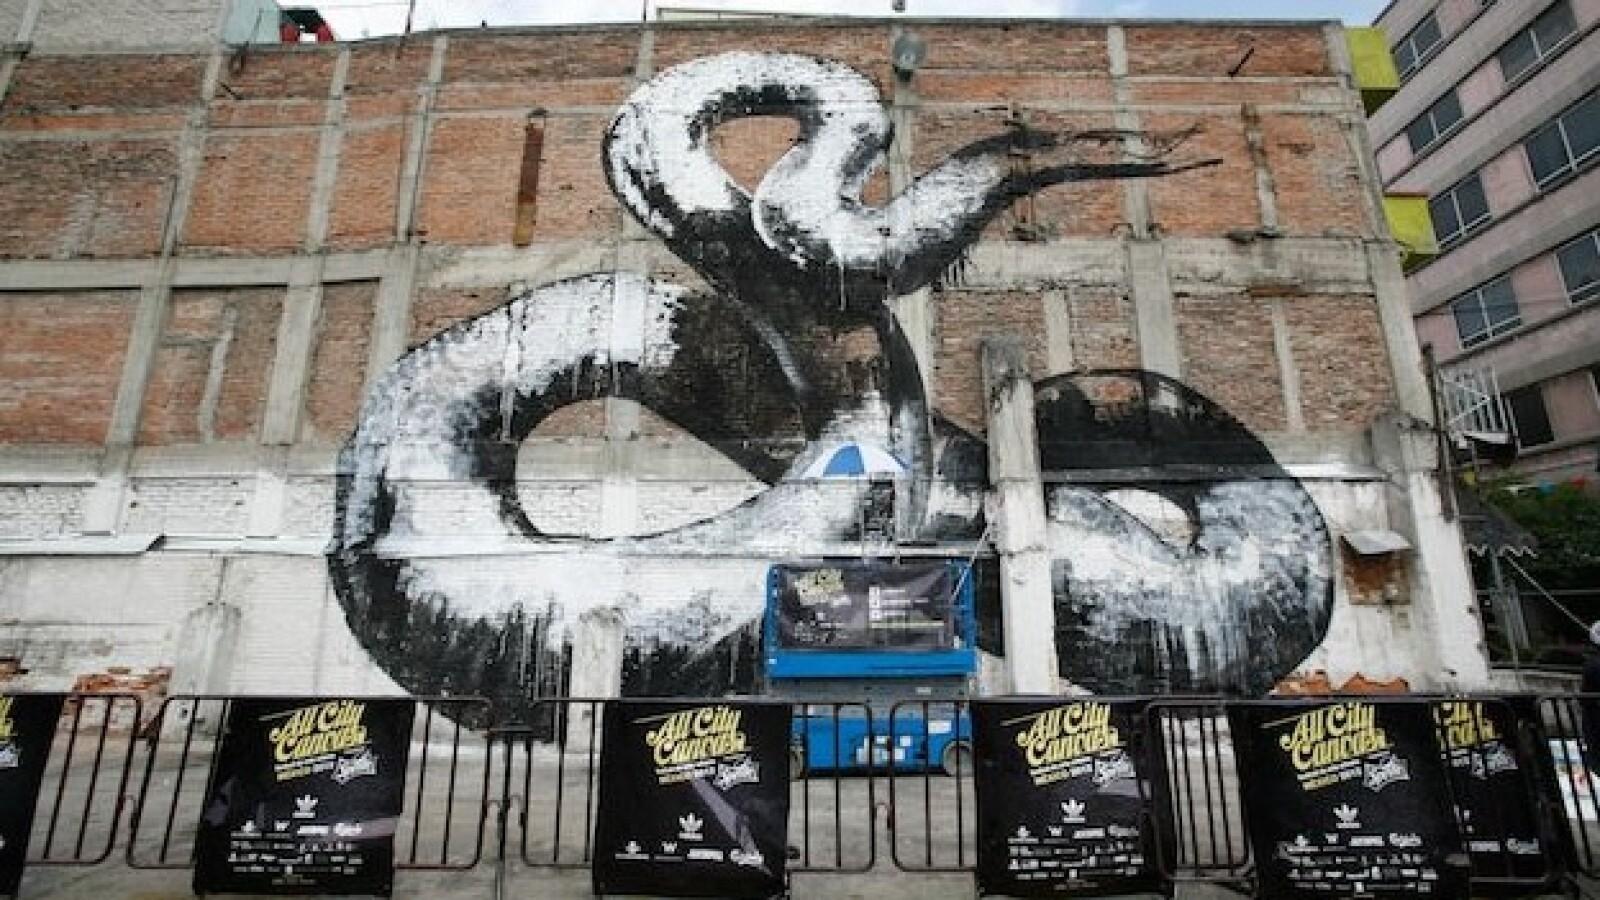 festival de arte urbano en la ciudad de mexico